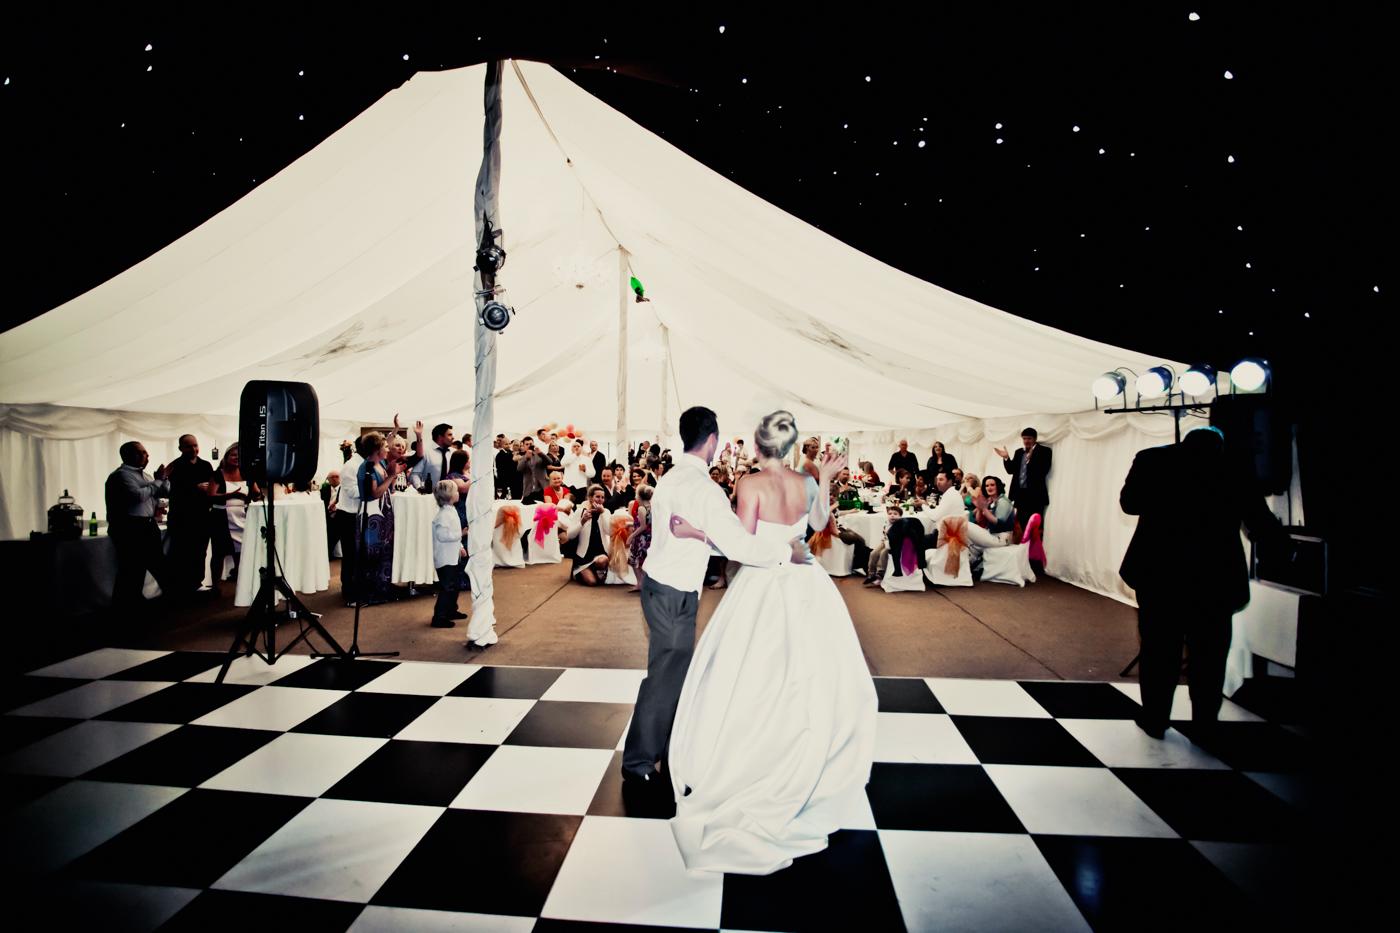 249 Keedy and Carl at The Secret Garden in Retford  - Wedding Photography by Mark Pugh www.markpugh.com_.jpg